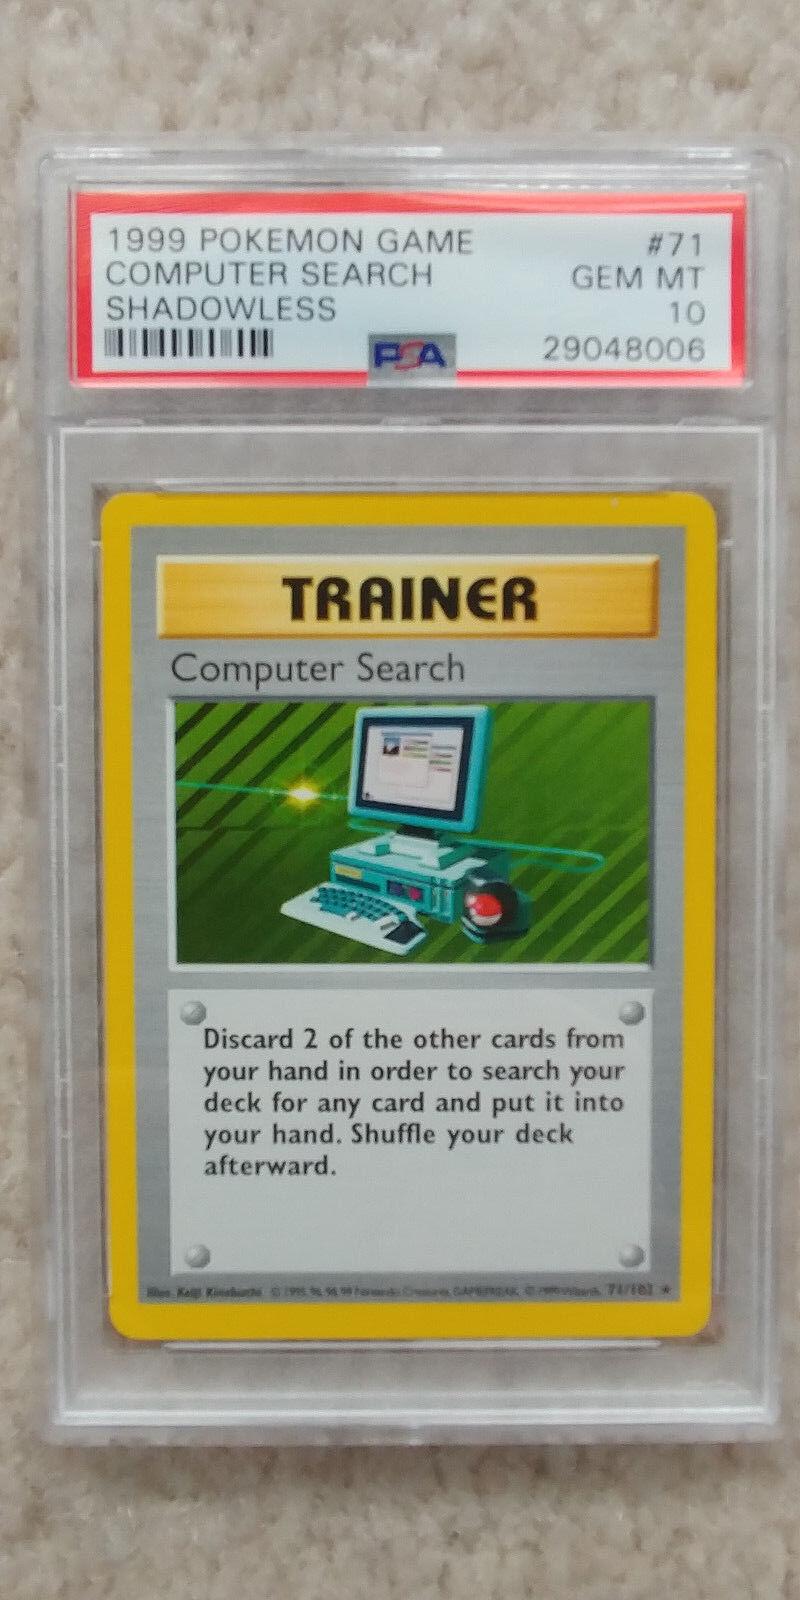 Pokemon computer durchsuchen, 71   102 shadowless basisbeschreibung psa 10 1999 pokemon tcg